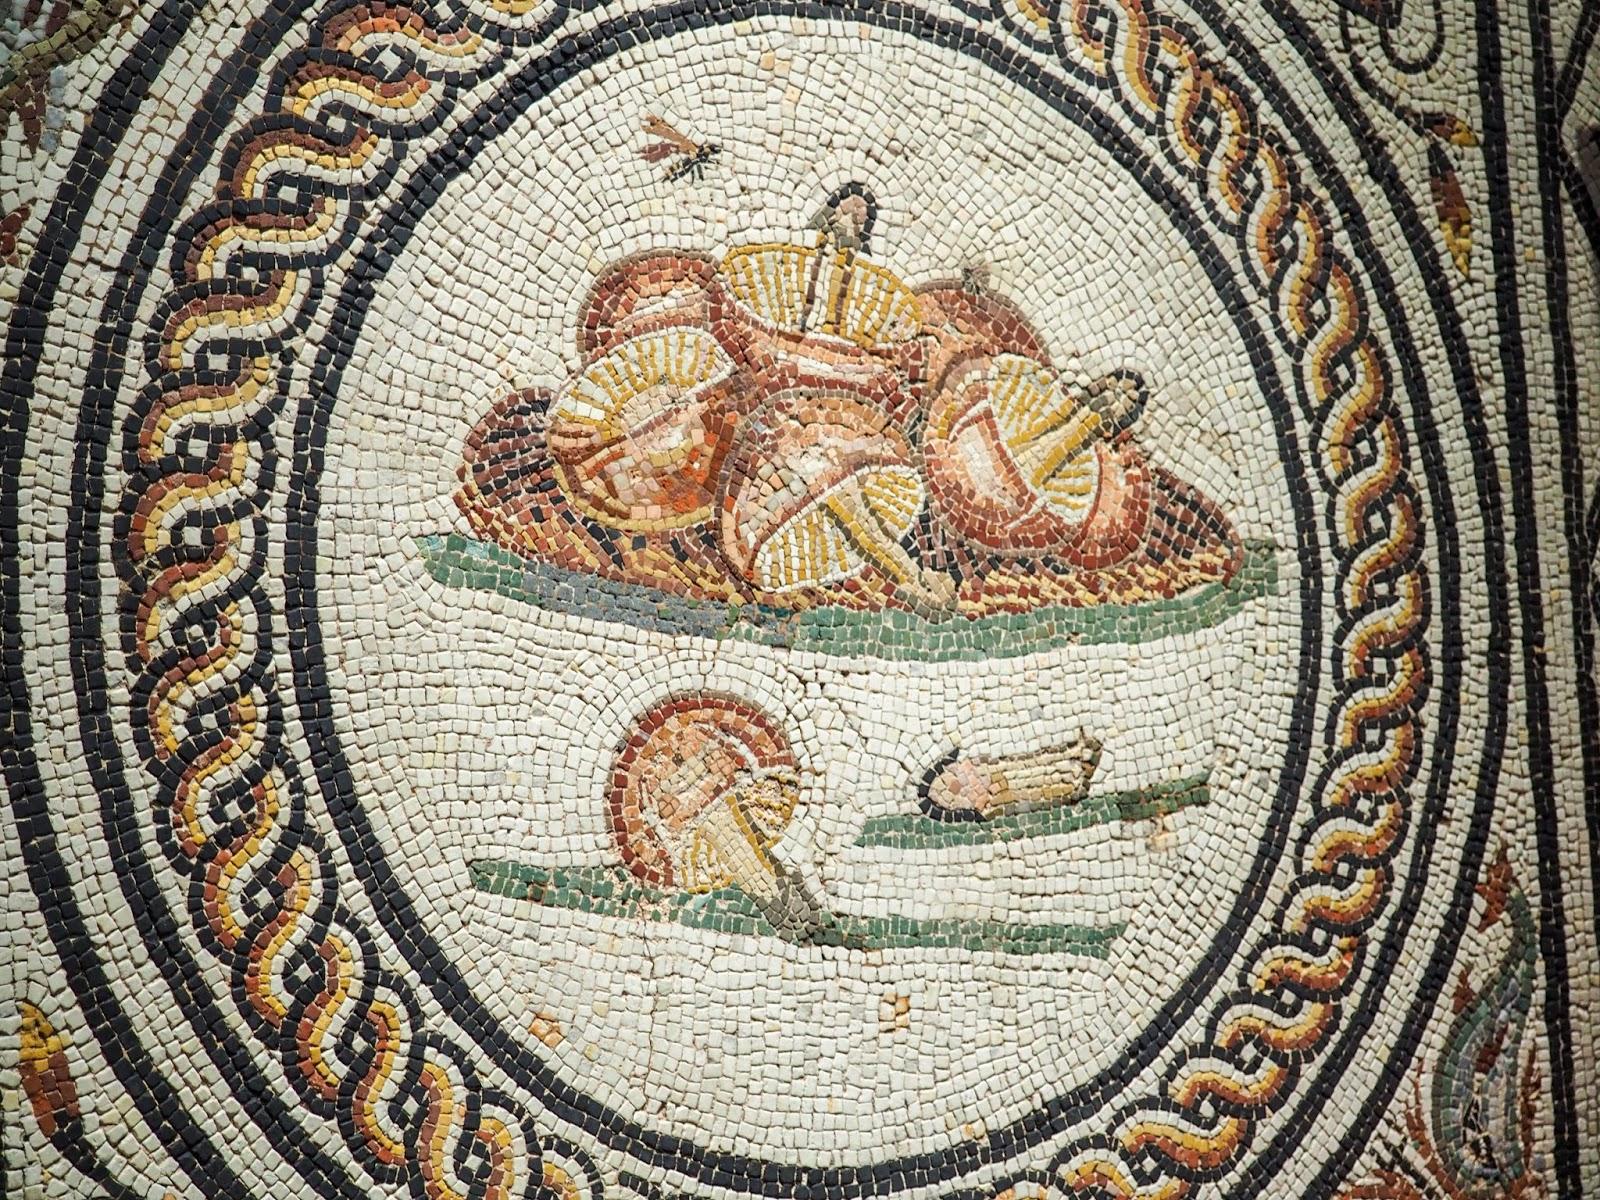 LYON | DEUX EXPOS A VOIR #2 : UN EMPEREUR ROMAIN & UN INVENTEUR